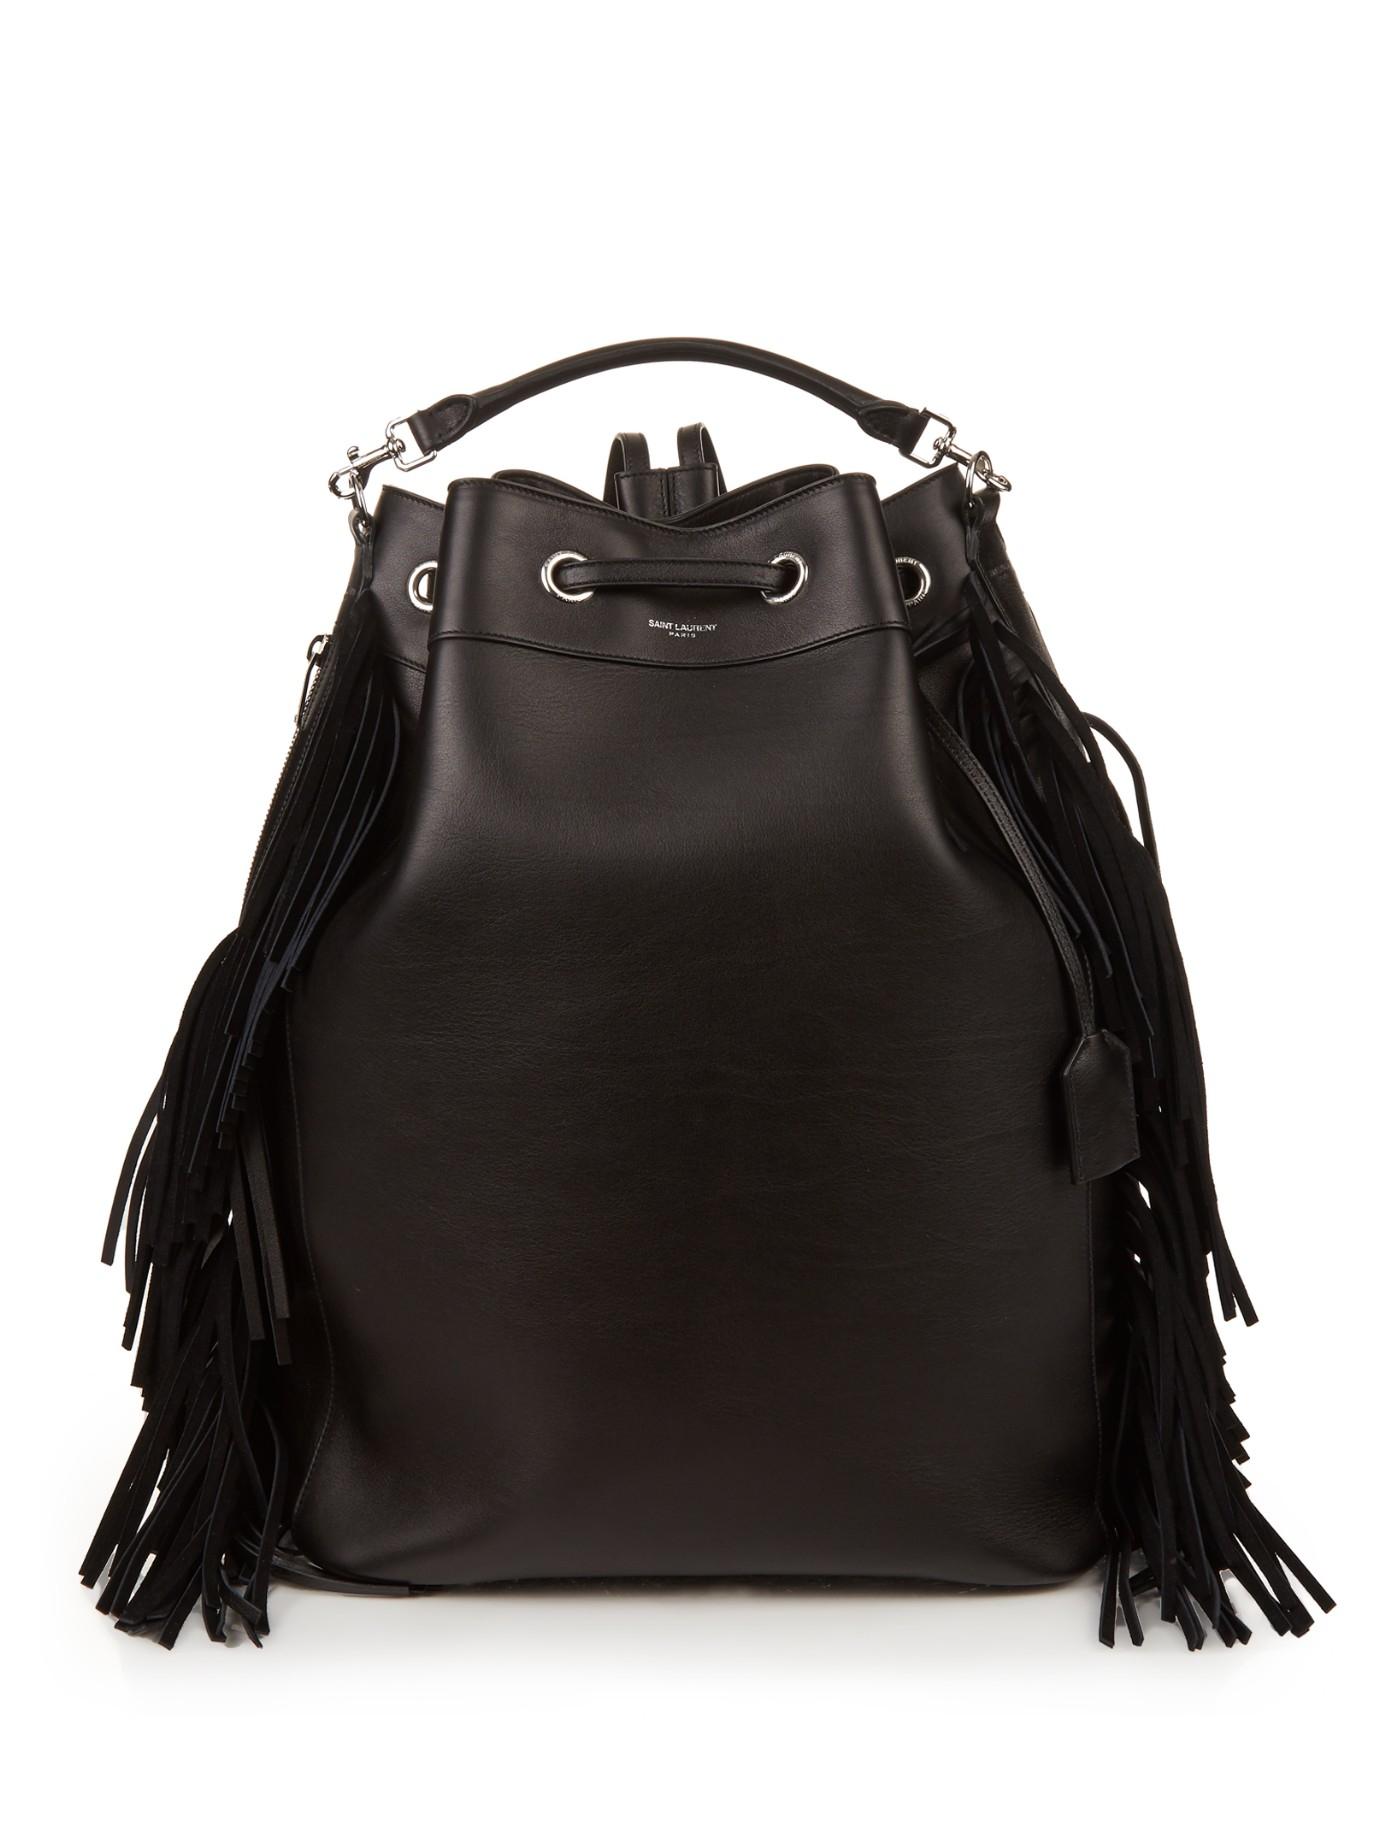 Saint Laurent Emmanuelle Fringed Leather Backpack in Black - Lyst 8e0488626339c